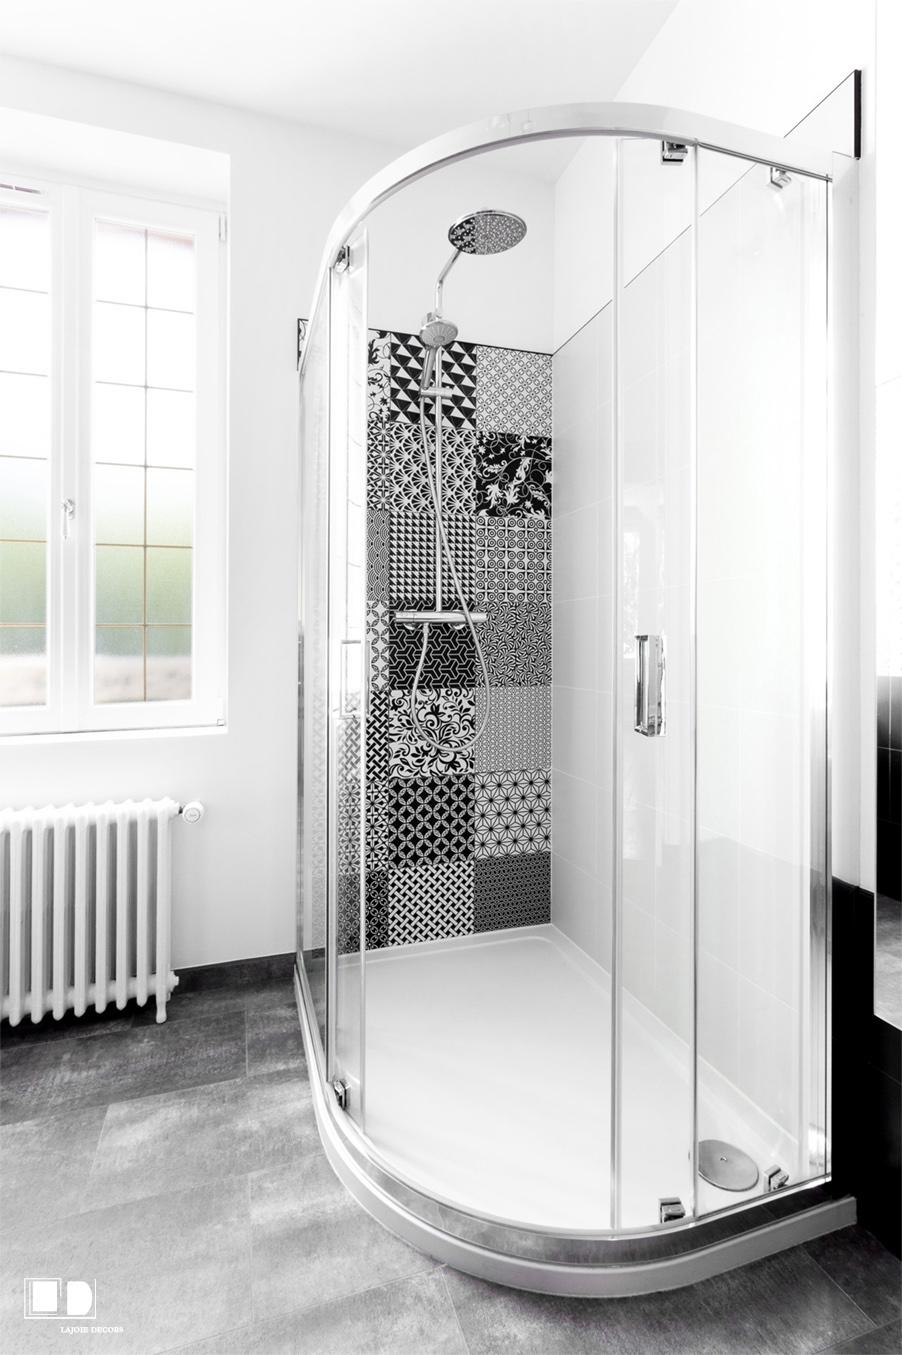 Salle de bain Style Art Déco Chic et intemporelle                                Crédit photo : Carole Sertillanges